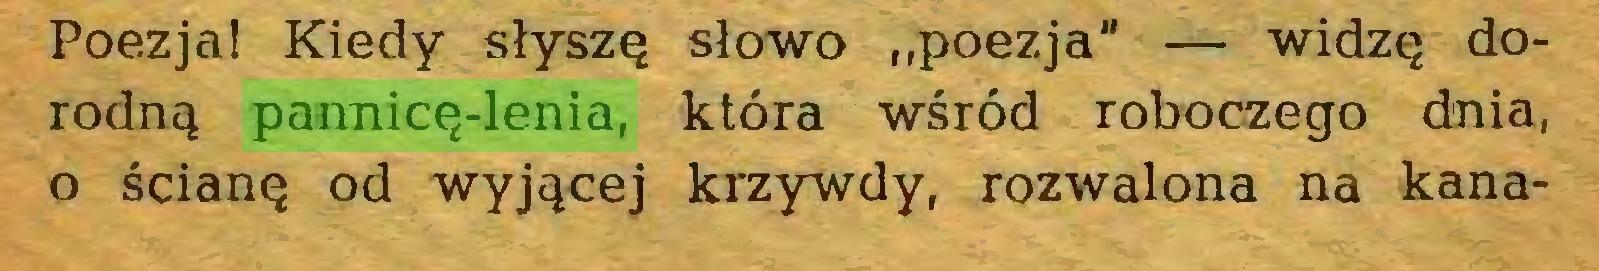 """(...) Poezja! Kiedy słyszą słowo """"poezja"""" — widzą dorodną pannicą-lenia, która wśród roboczego dnia, o ścianą od wyjącej krzywdy, rozwalona na kana..."""